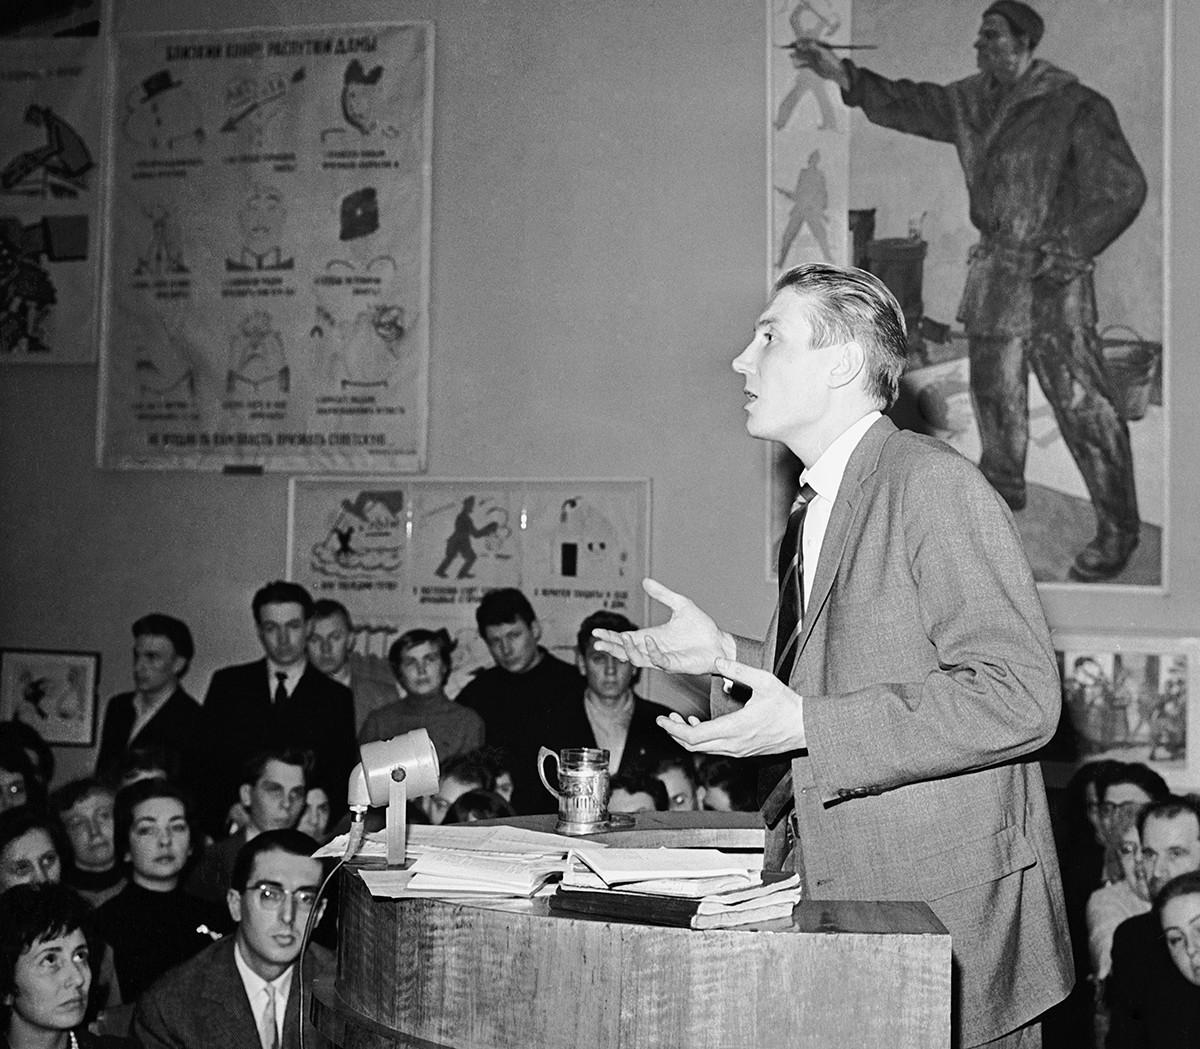 Le poète soviétique Evgueni Evtouchenko lit ses poèmes au Musée littéraire de Moscou, 1959